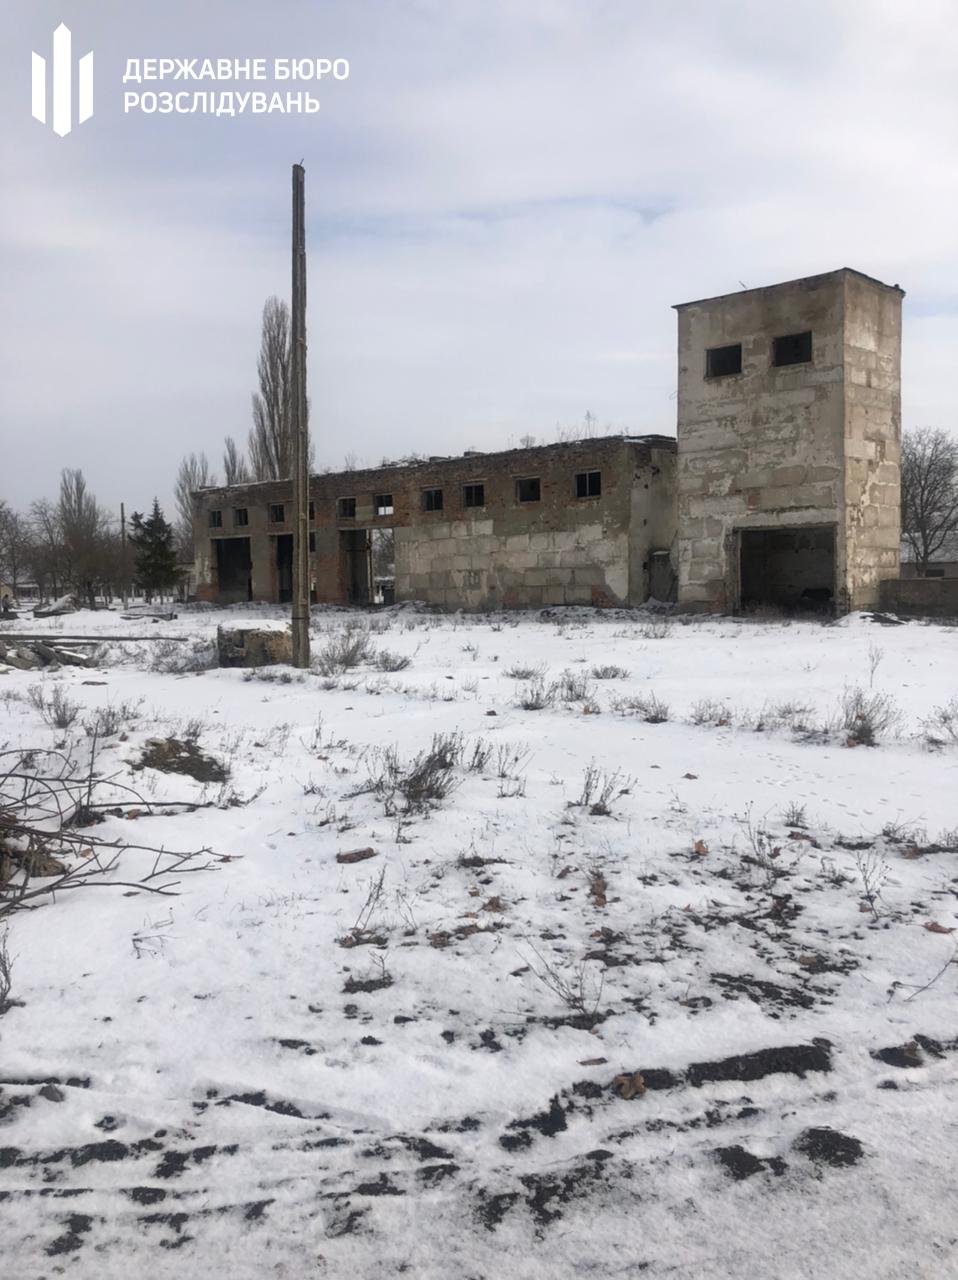 ГБР расследует причастность одесских налоговиков к хищению 500 млн грн бюджетных средств